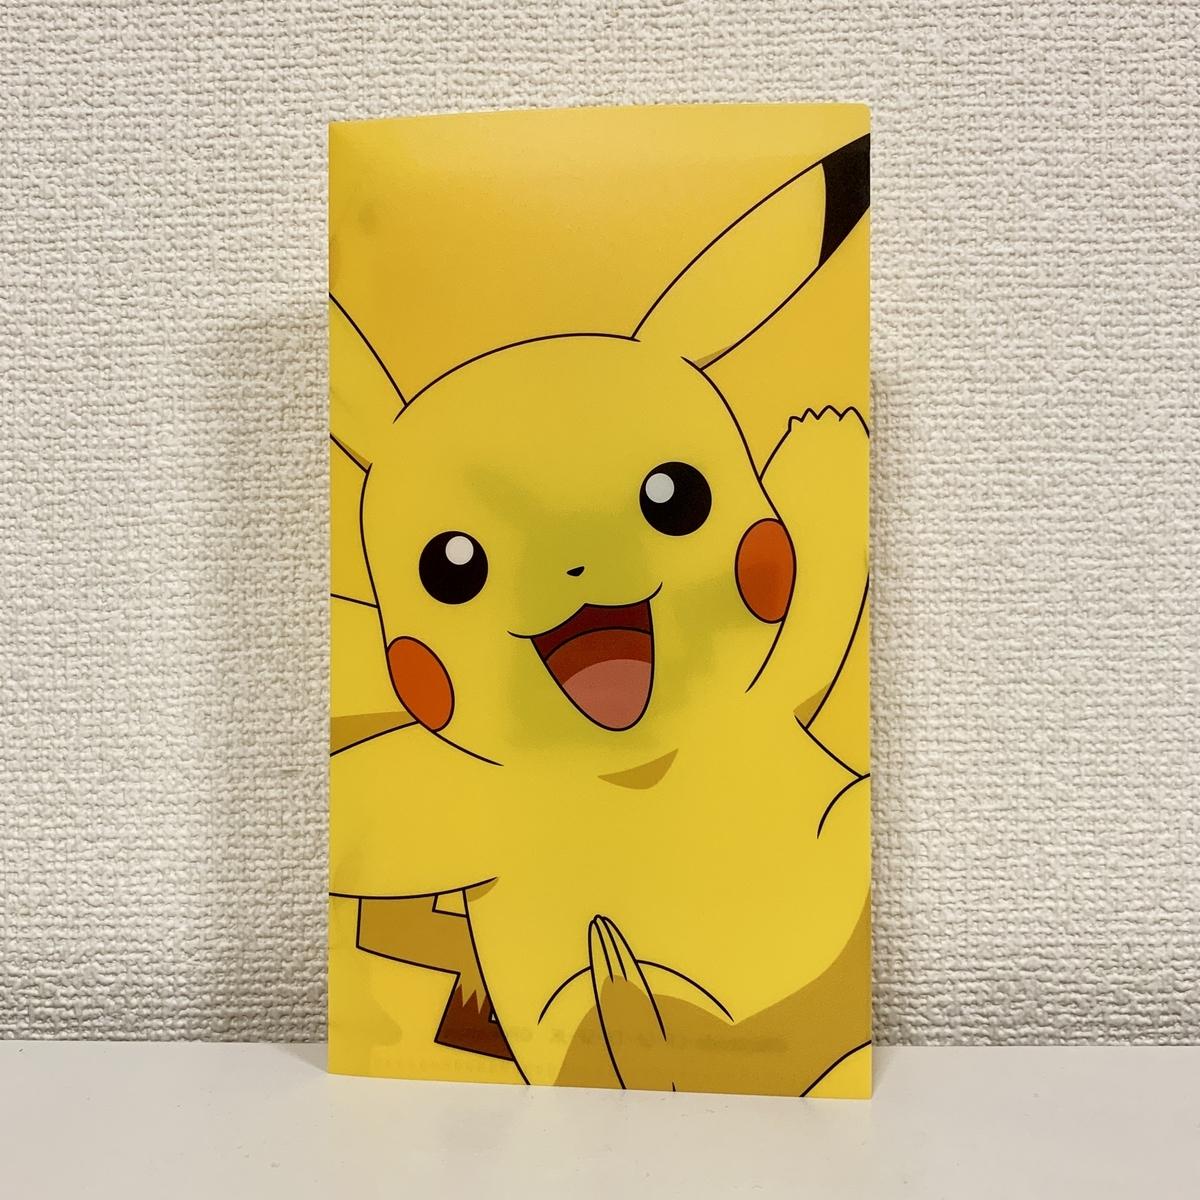 f:id:pikachu_pcn:20201119192129j:plain